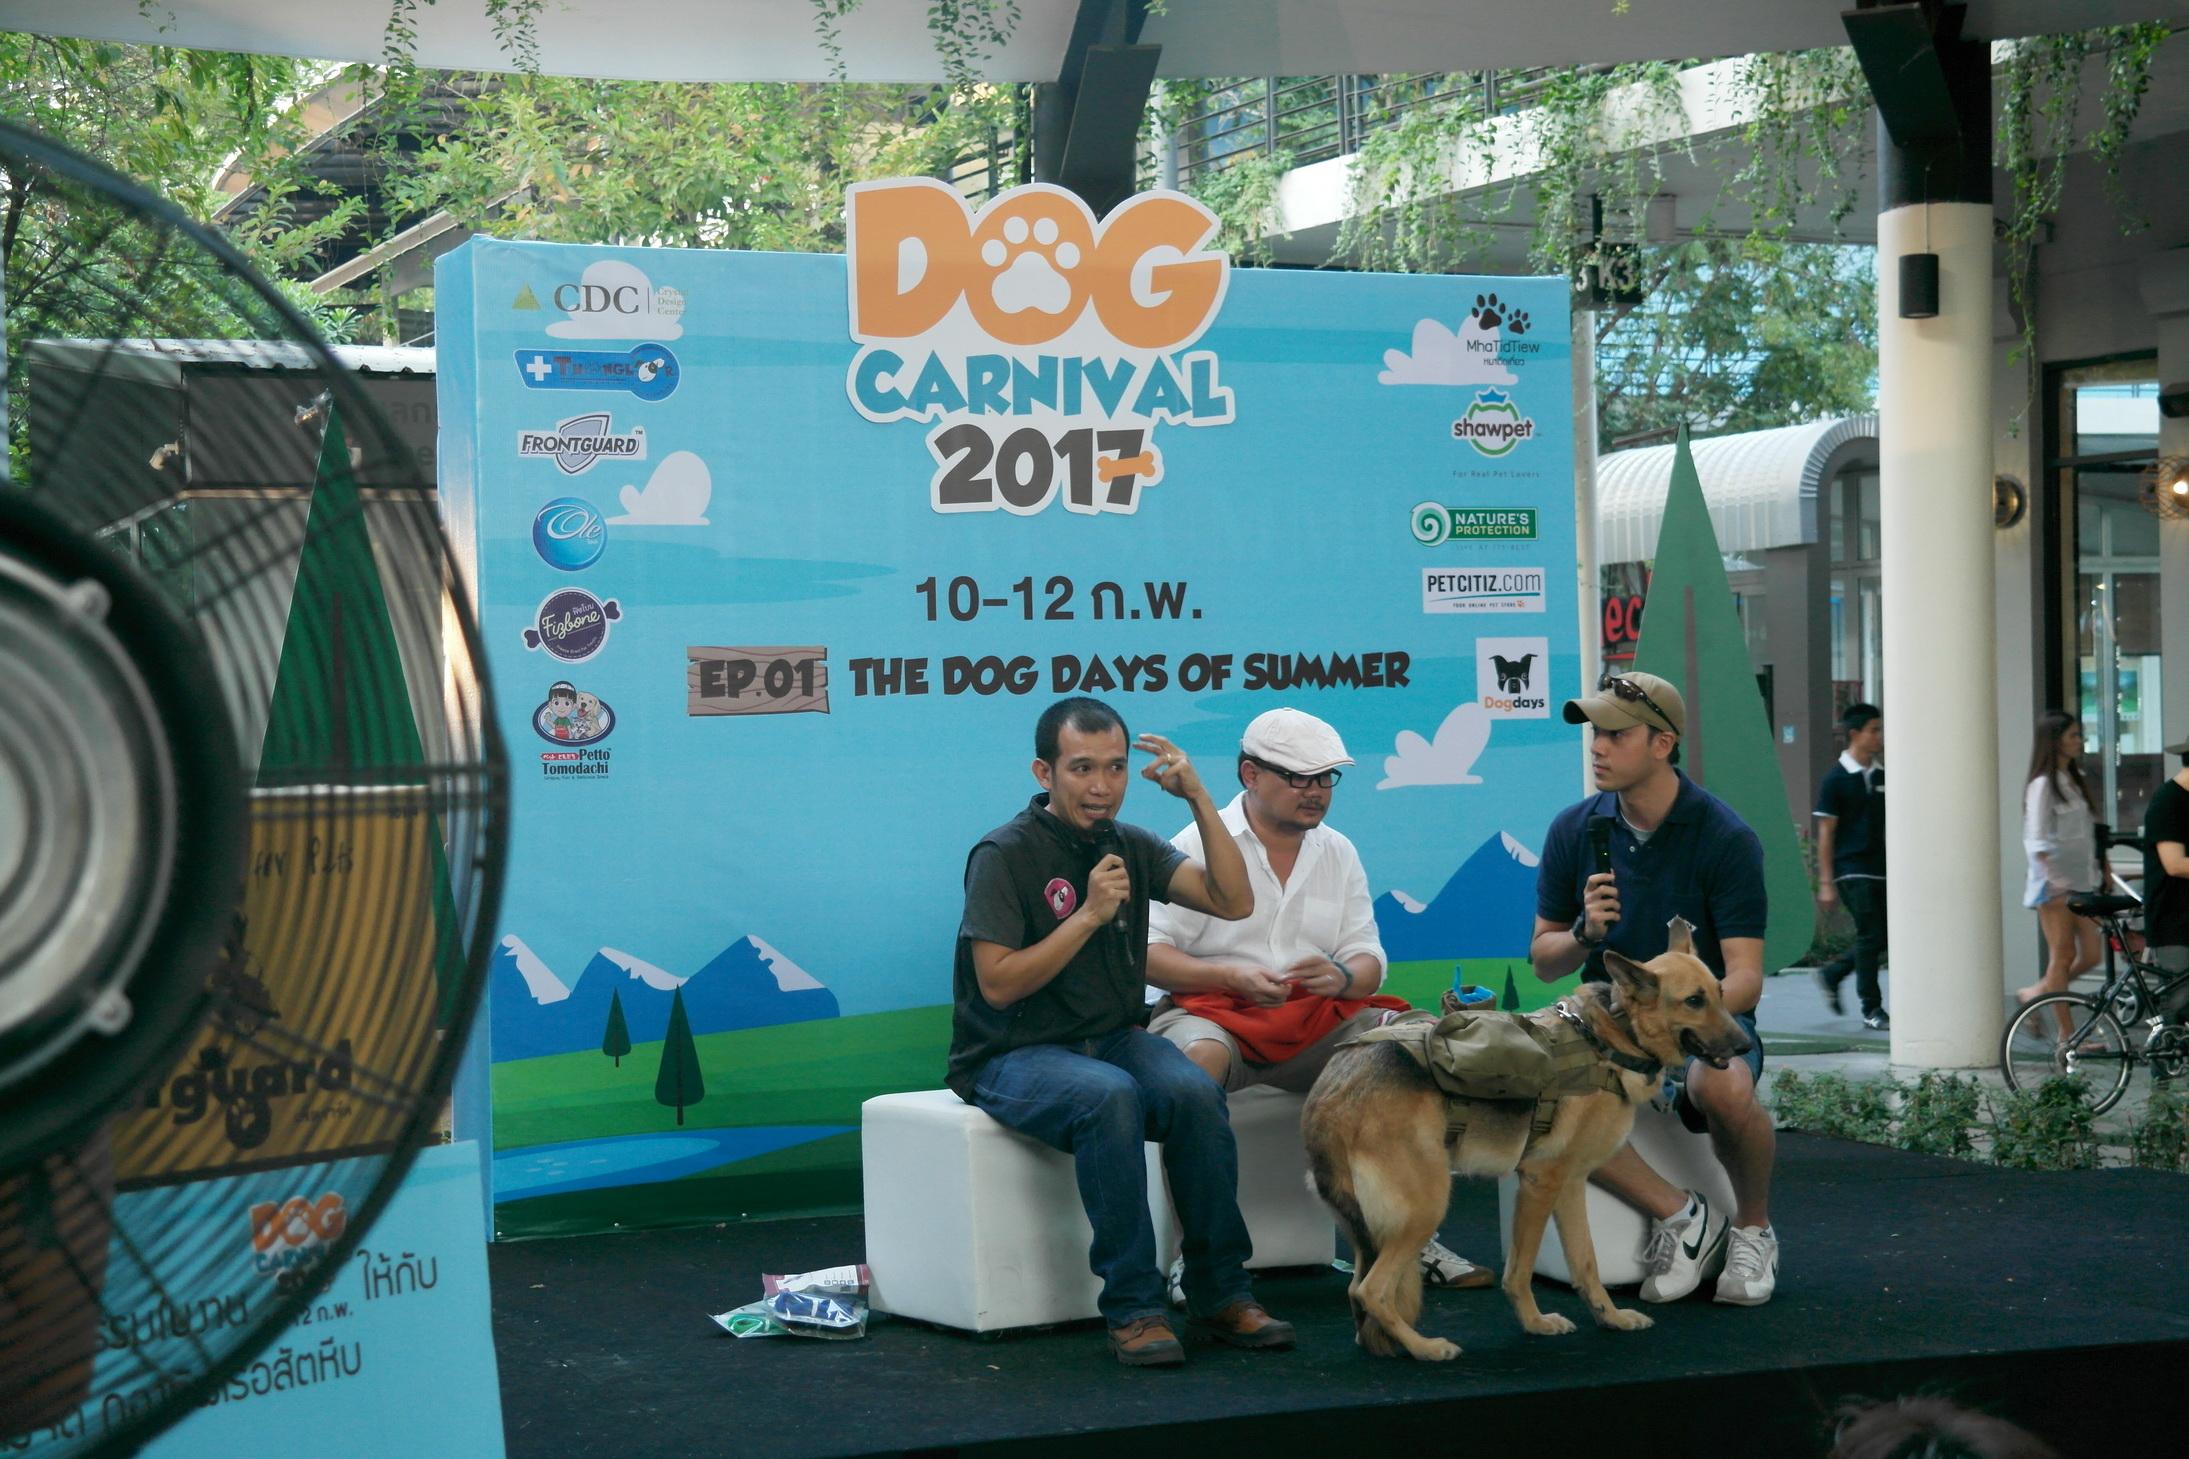 Dogilike.com :: ฟินสุด ๆ บรรยากาศงาน สำหรับคนรักน้องหมา Dog Carnival 2017